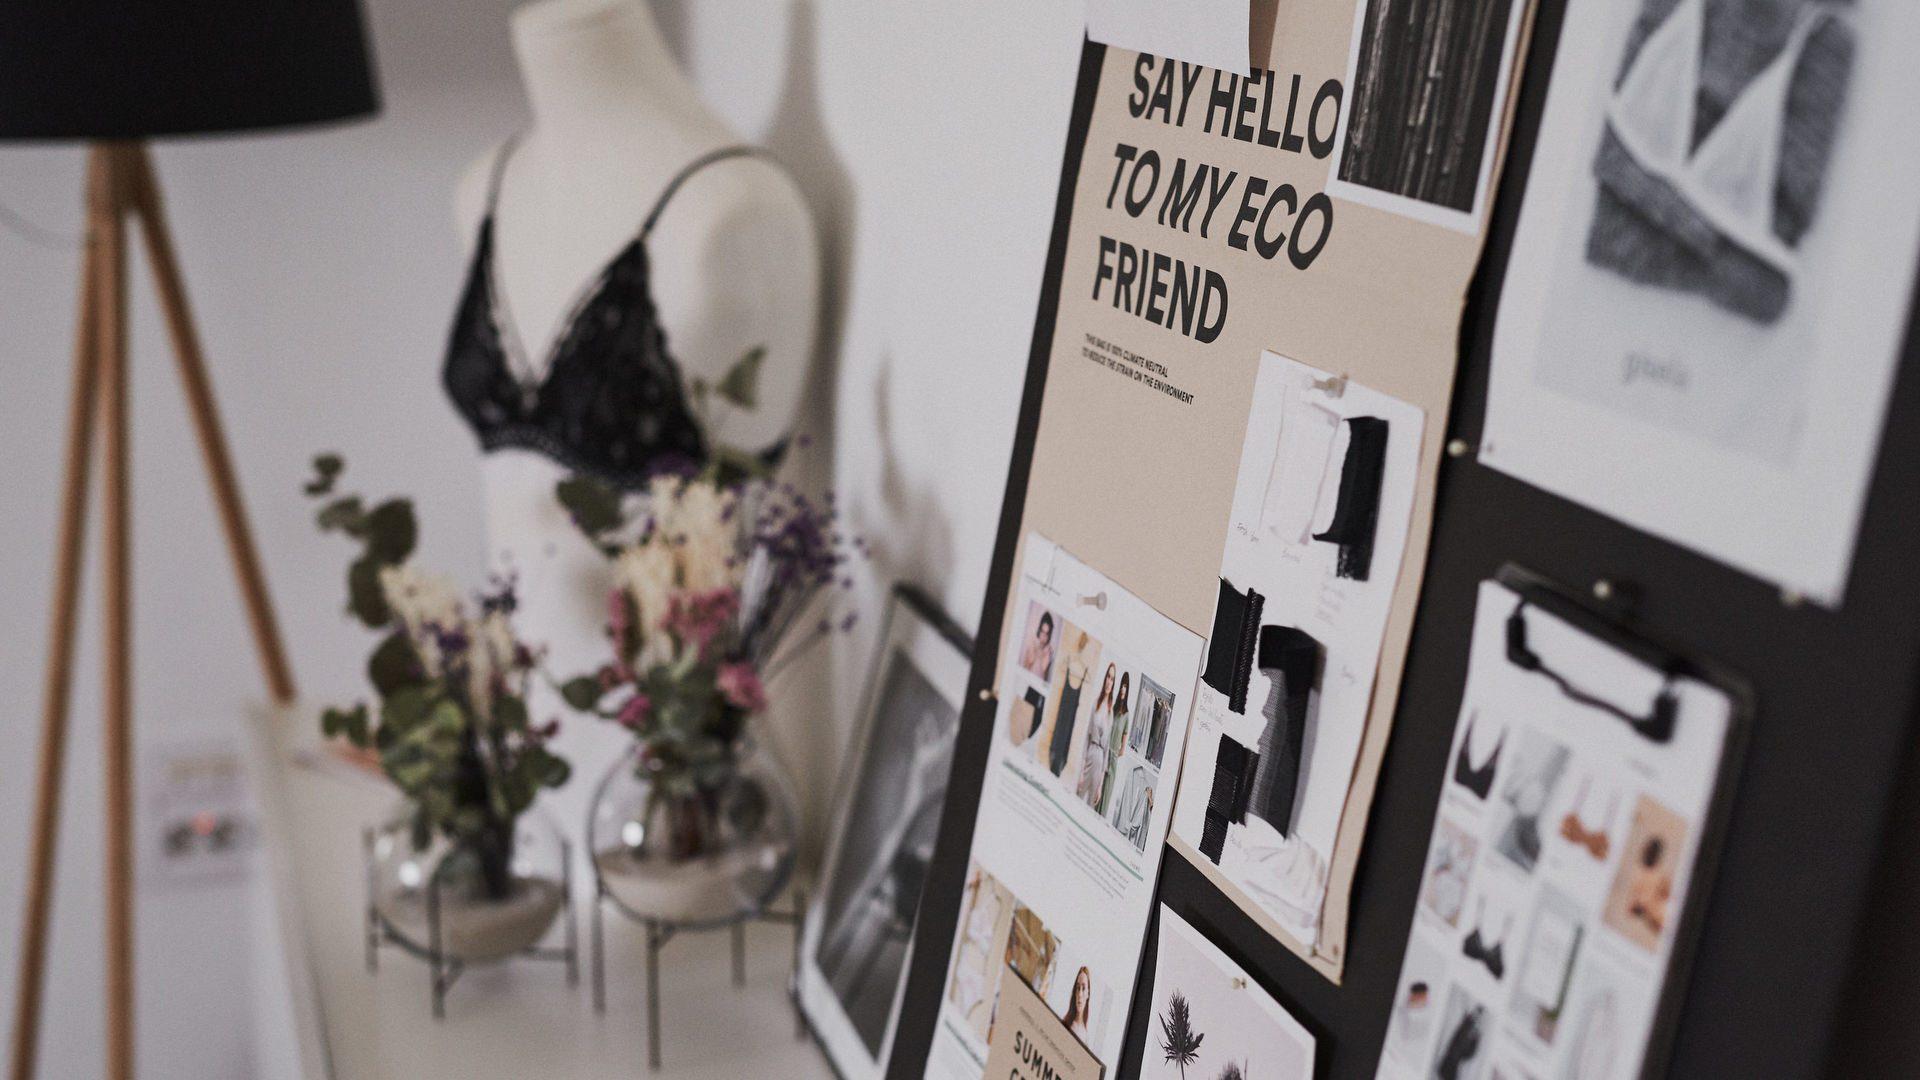 Fotógrafo profesional de empresas y fotografía corporativa - Estudio Mierteran, Málaga 2019.